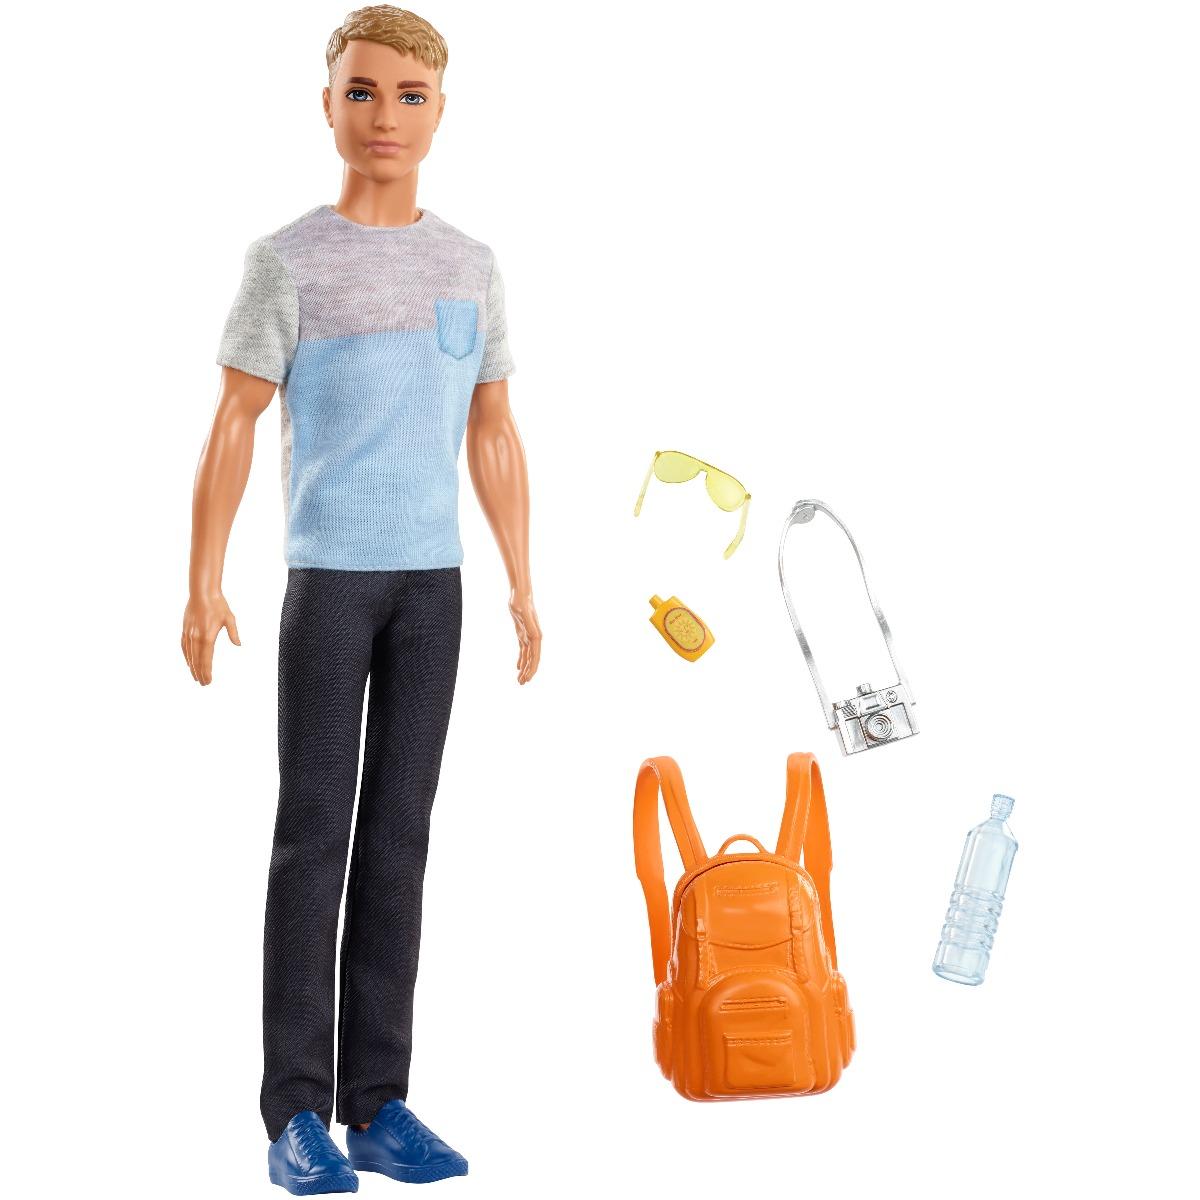 Papusa Barbie Travel, Ken cu accesorii de calatorie